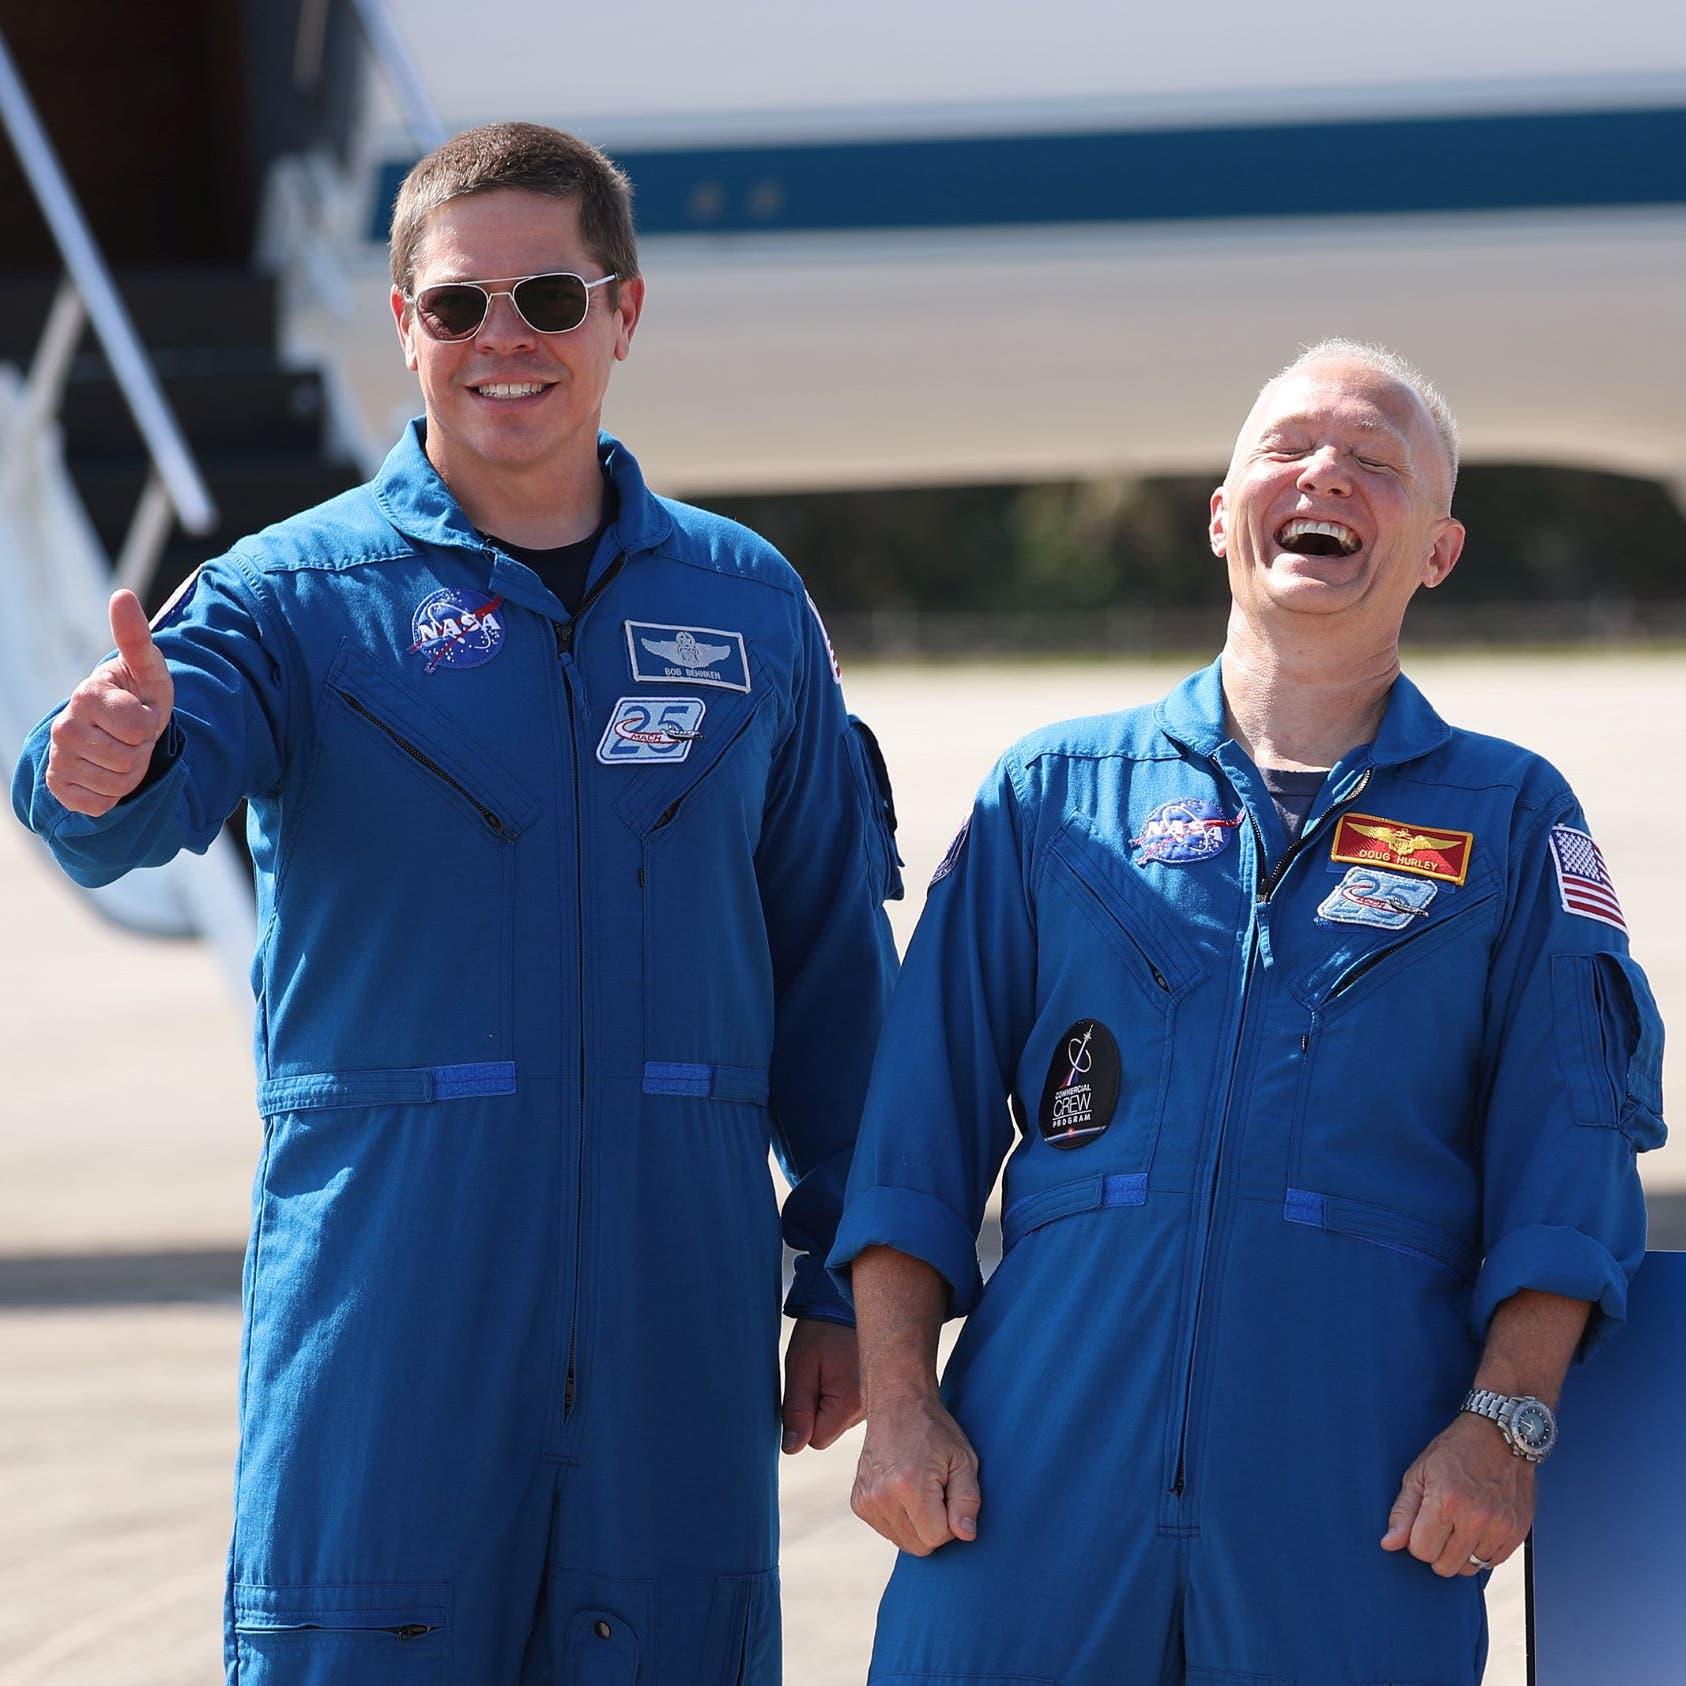 بعد توقف لـ9 سنوات.. أميركا تعاود رحلاتها المأهولة للفضاء